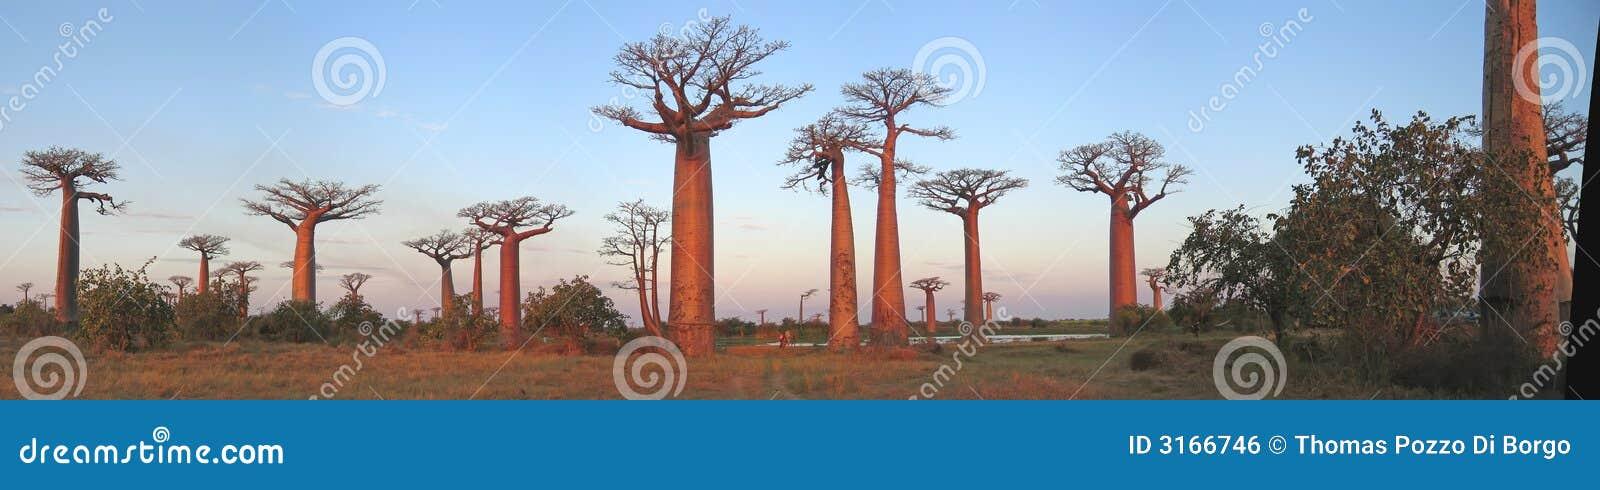 Bosque de los baobabs, callejón del baobab